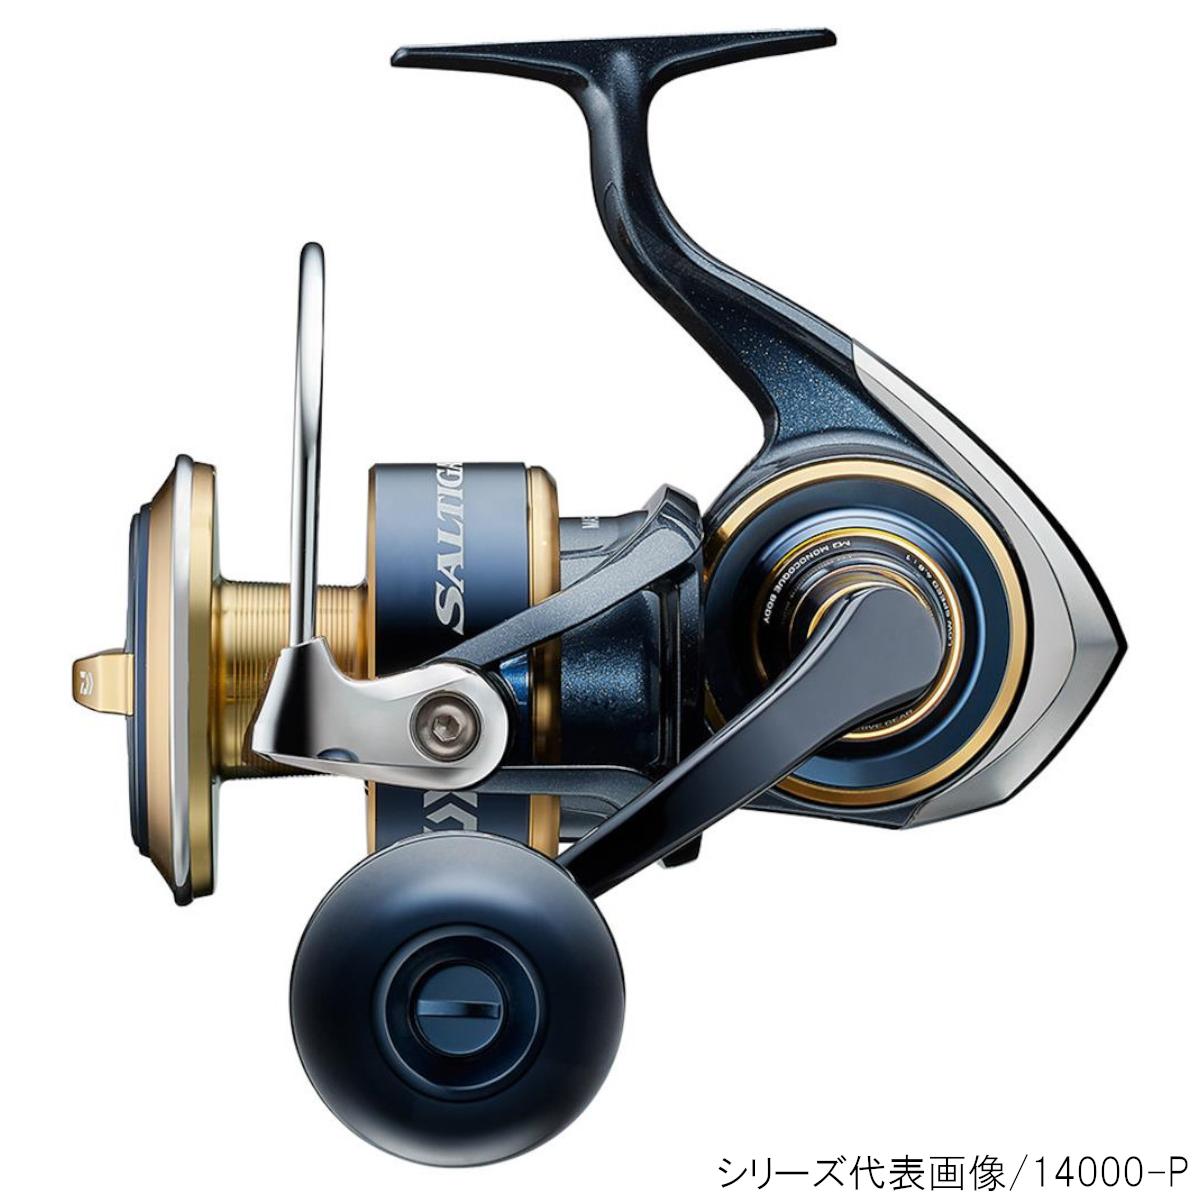 ソルティガ 8000-P ダイワ